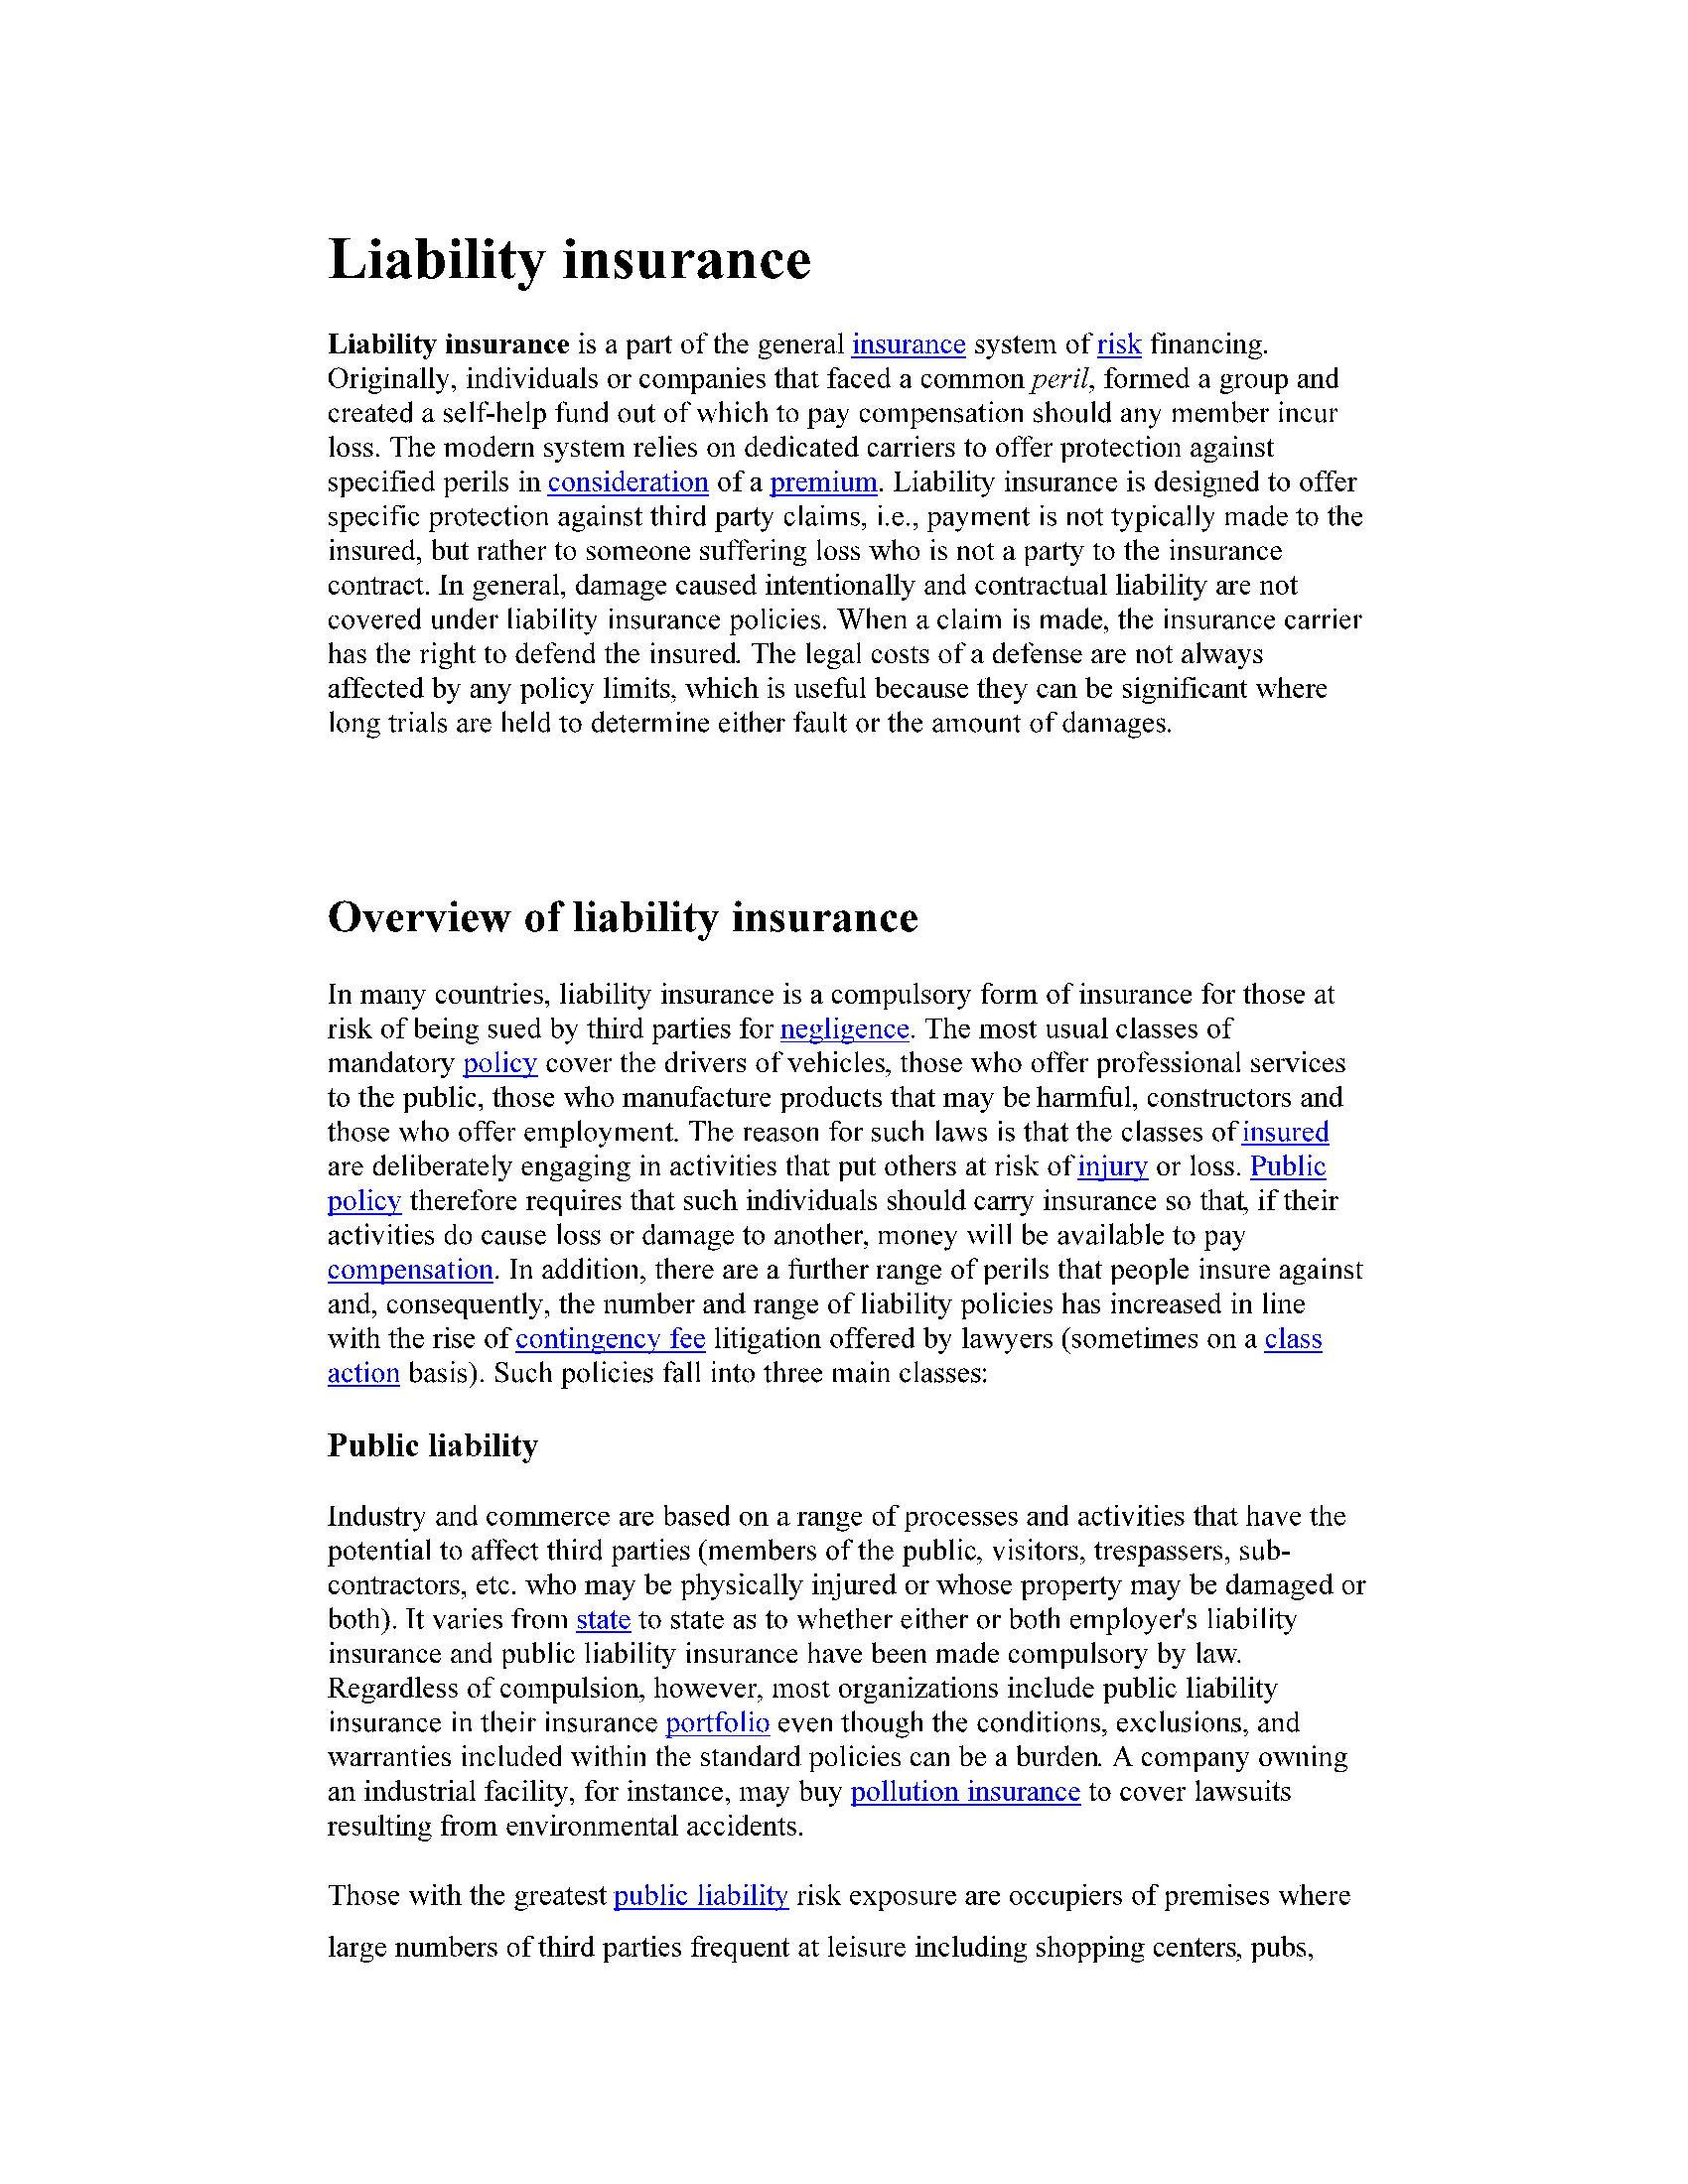 بیمه مسئولیت  Liability insurance